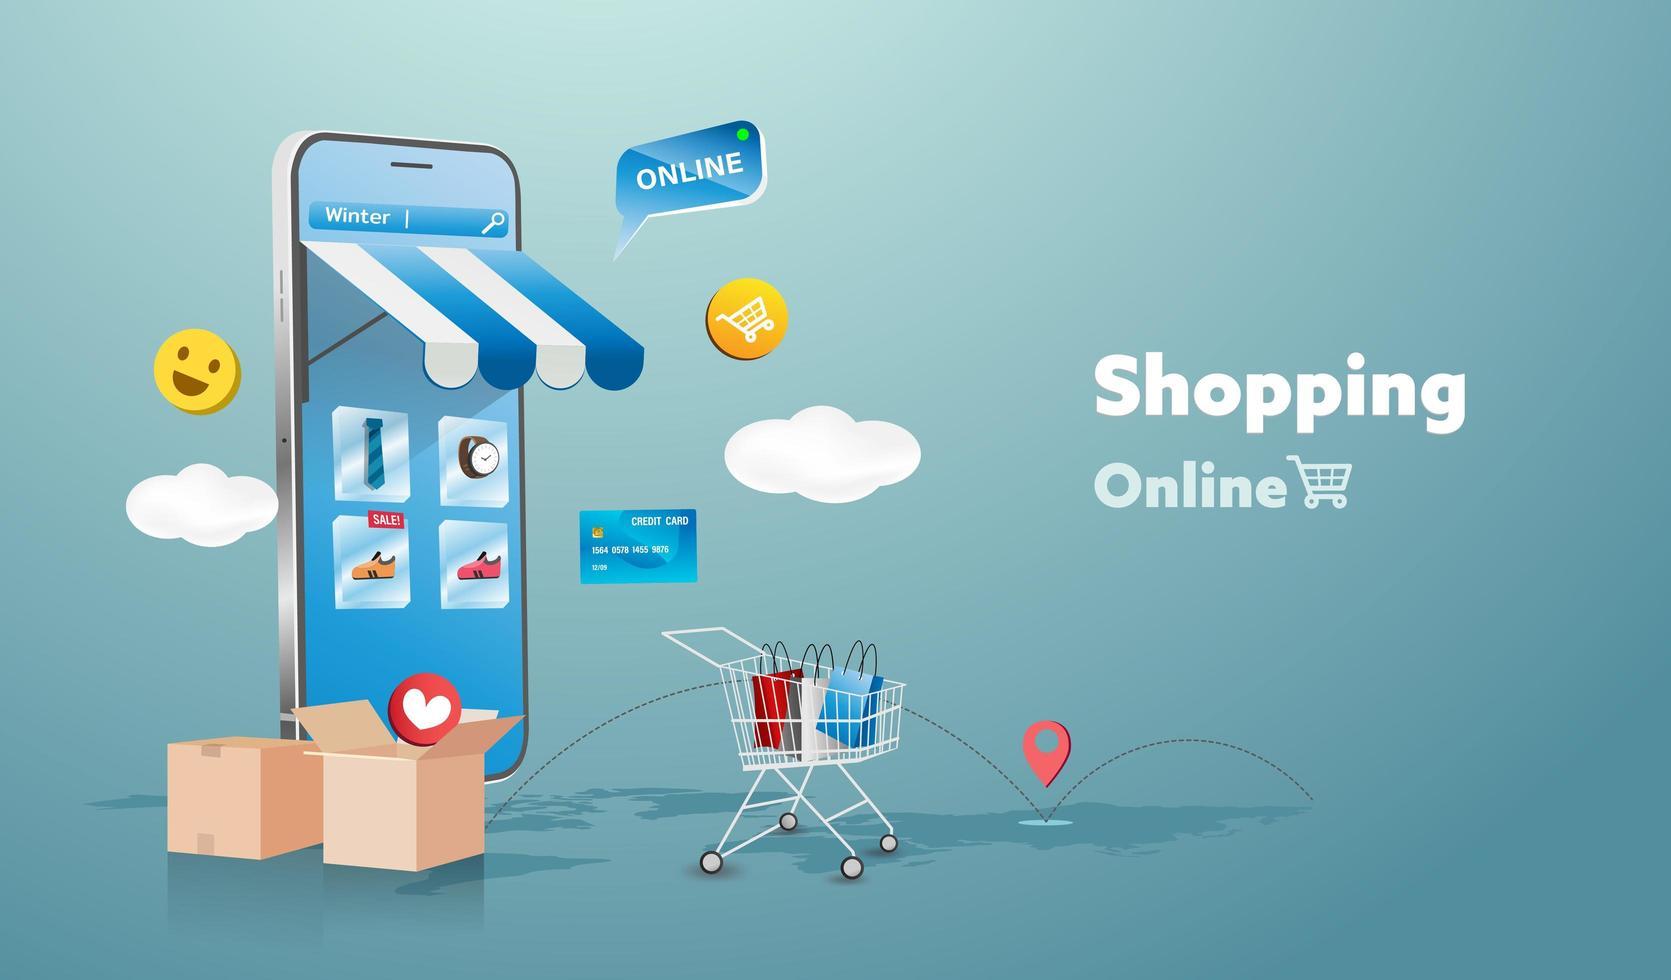 boutique en ligne sur le site Web et la conception de téléphones mobiles. concept de marketing d'entreprise intelligente. vue horizontale. illustration vectorielle. vecteur